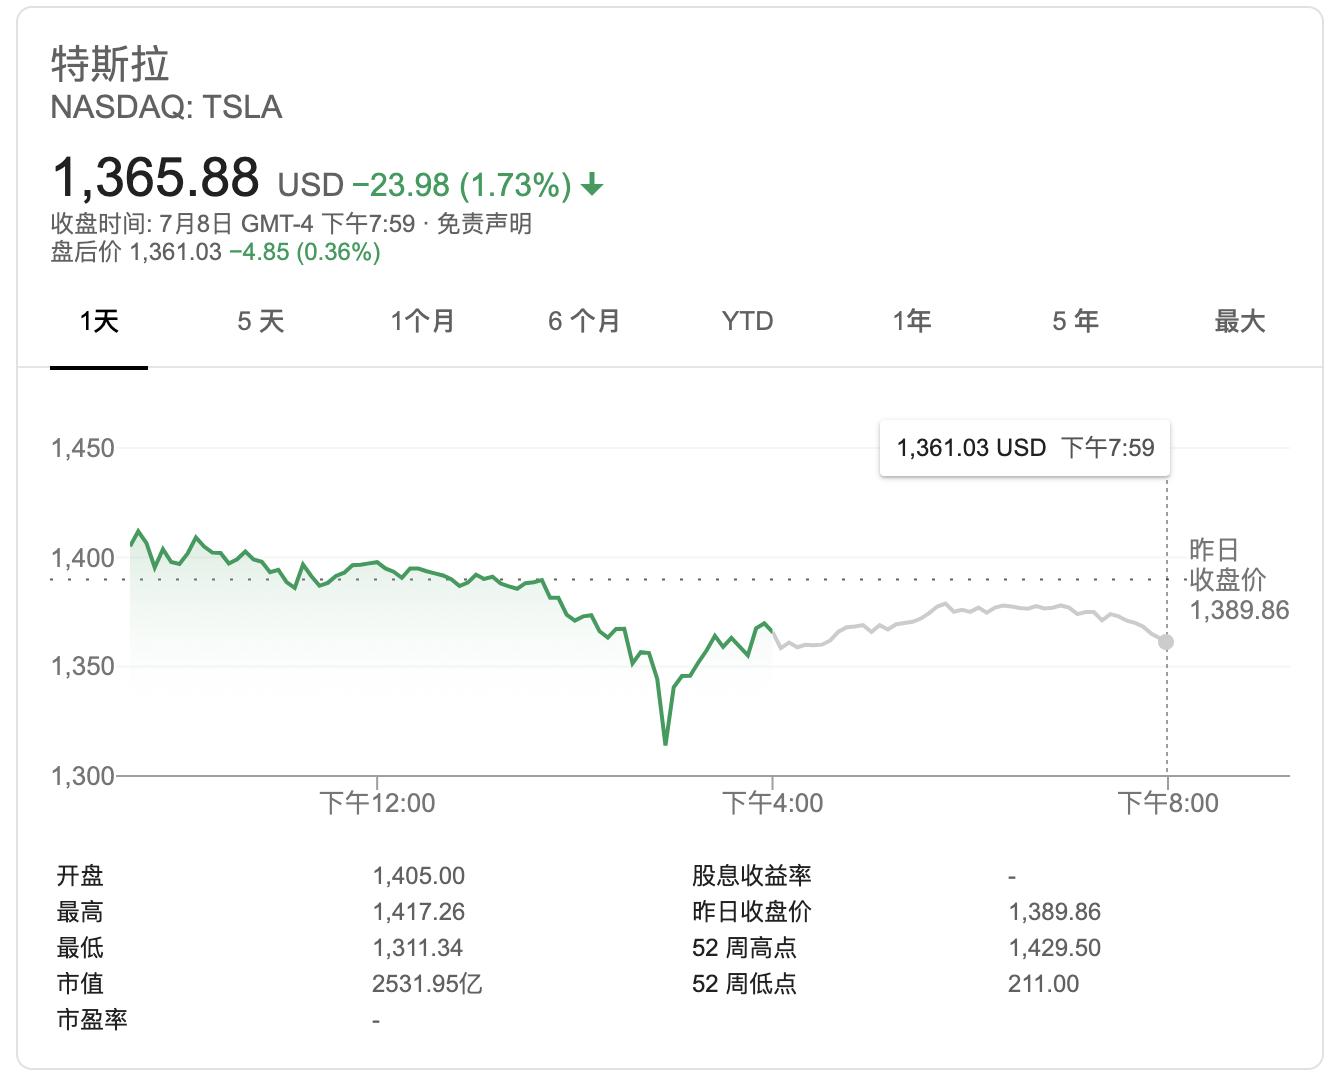 特斯拉股价疯狂上涨 马斯克有望解锁18亿美元期权奖励